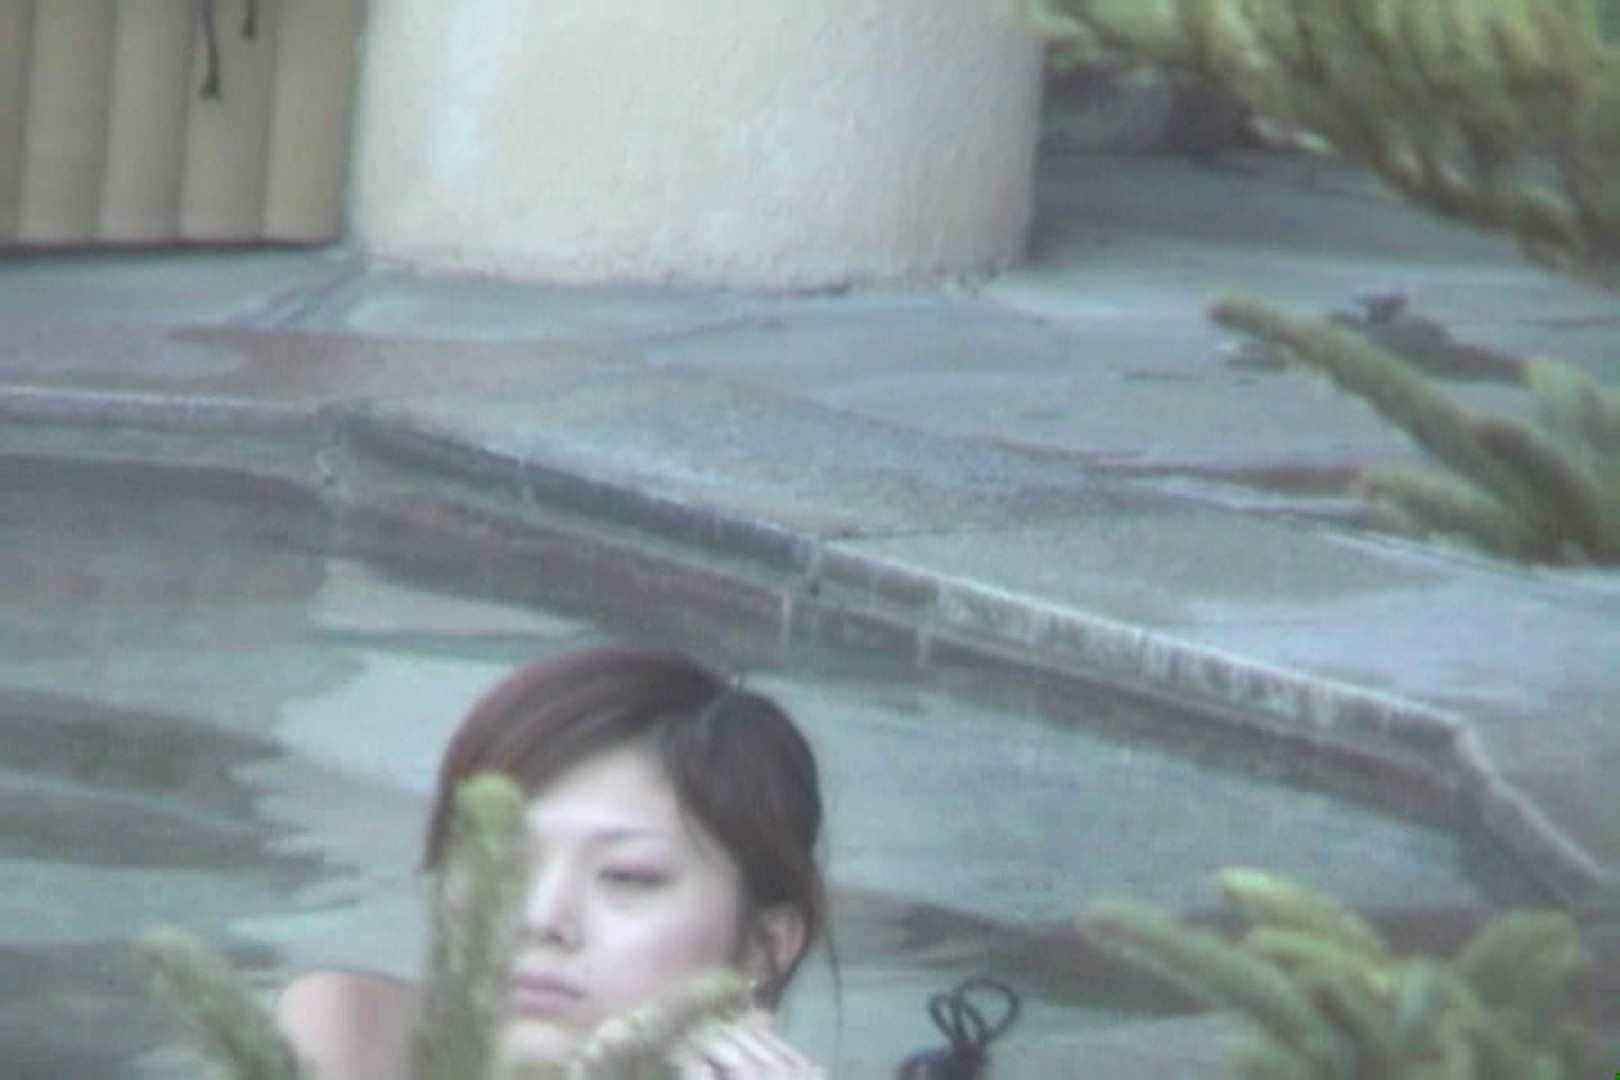 Aquaな露天風呂Vol.609 盗撮シリーズ  107PIX 52